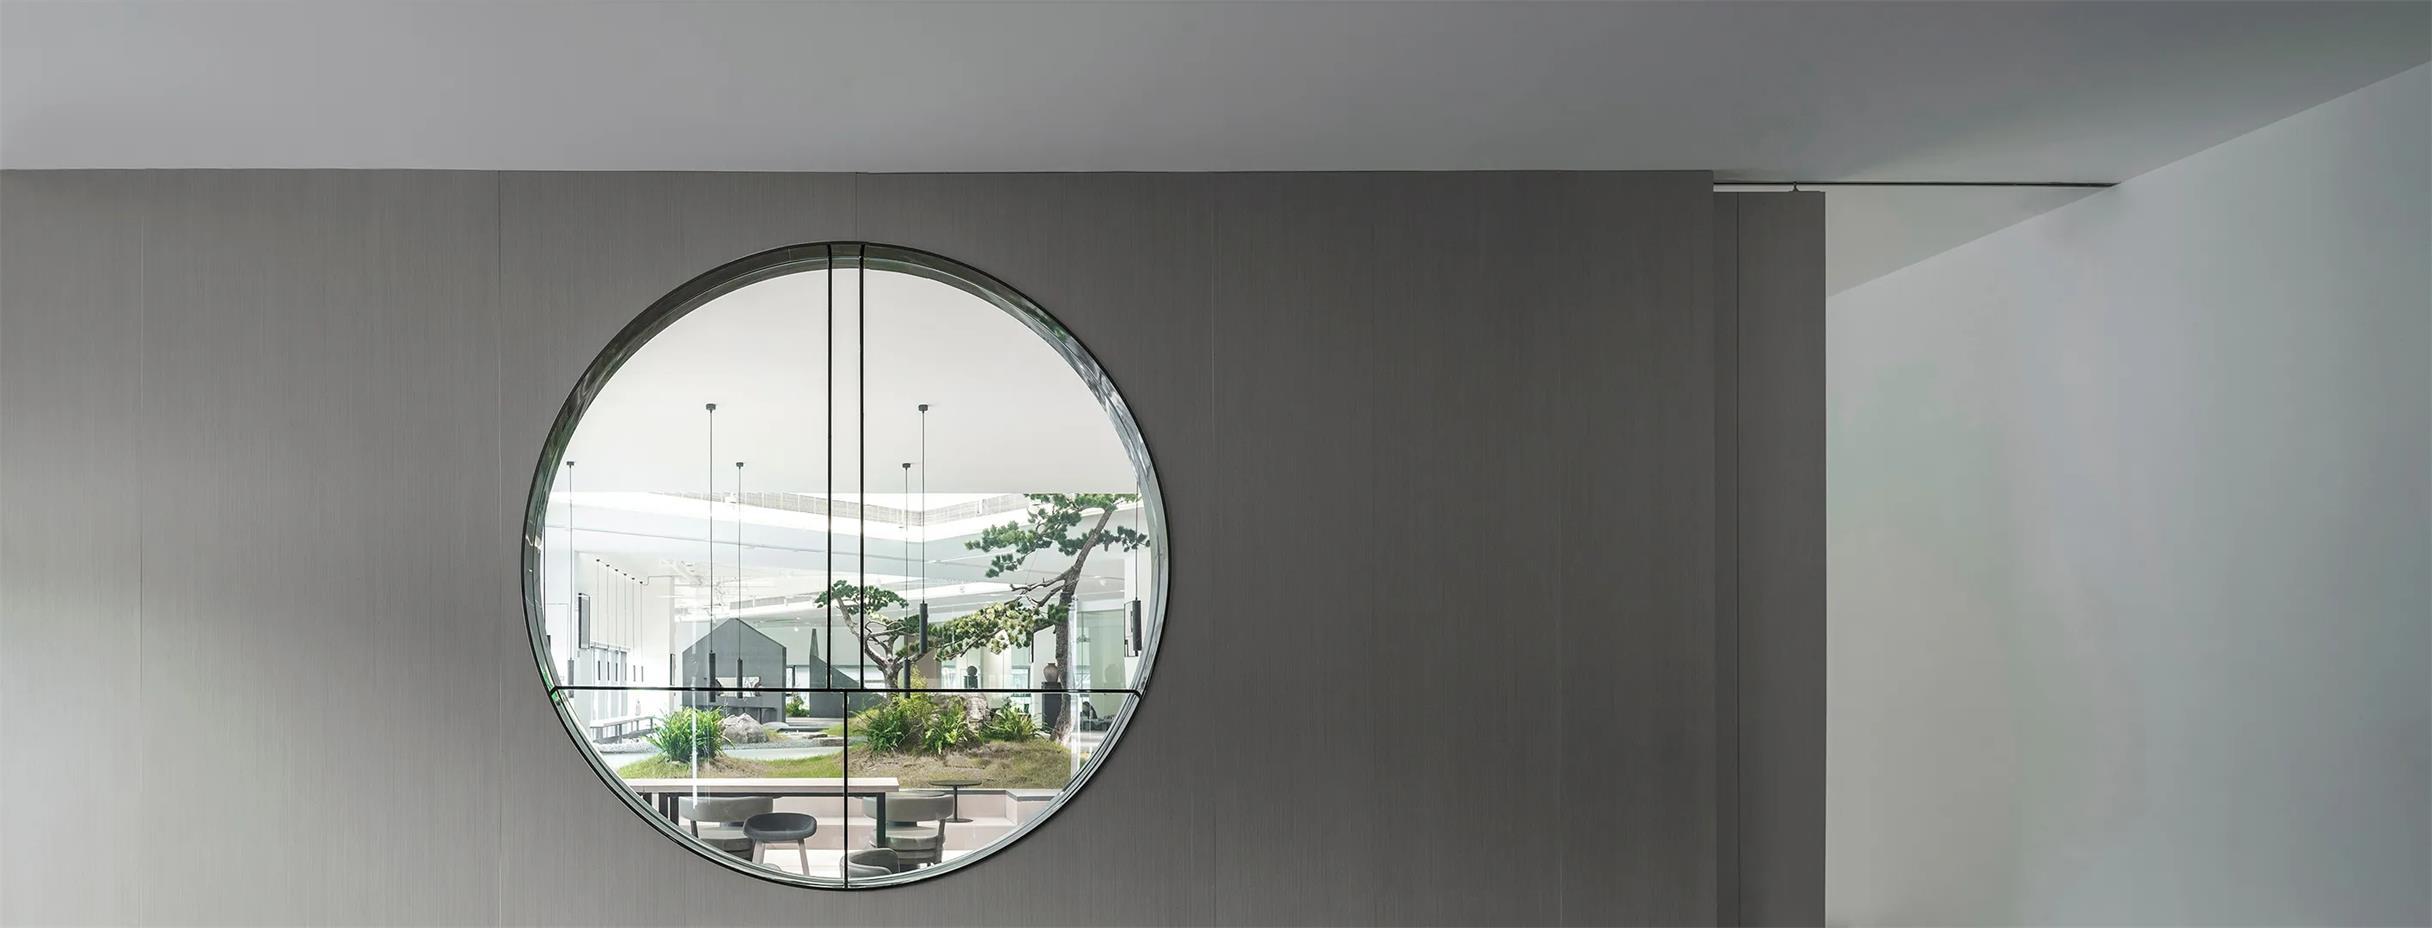 共享办公圆形窗口设计特写